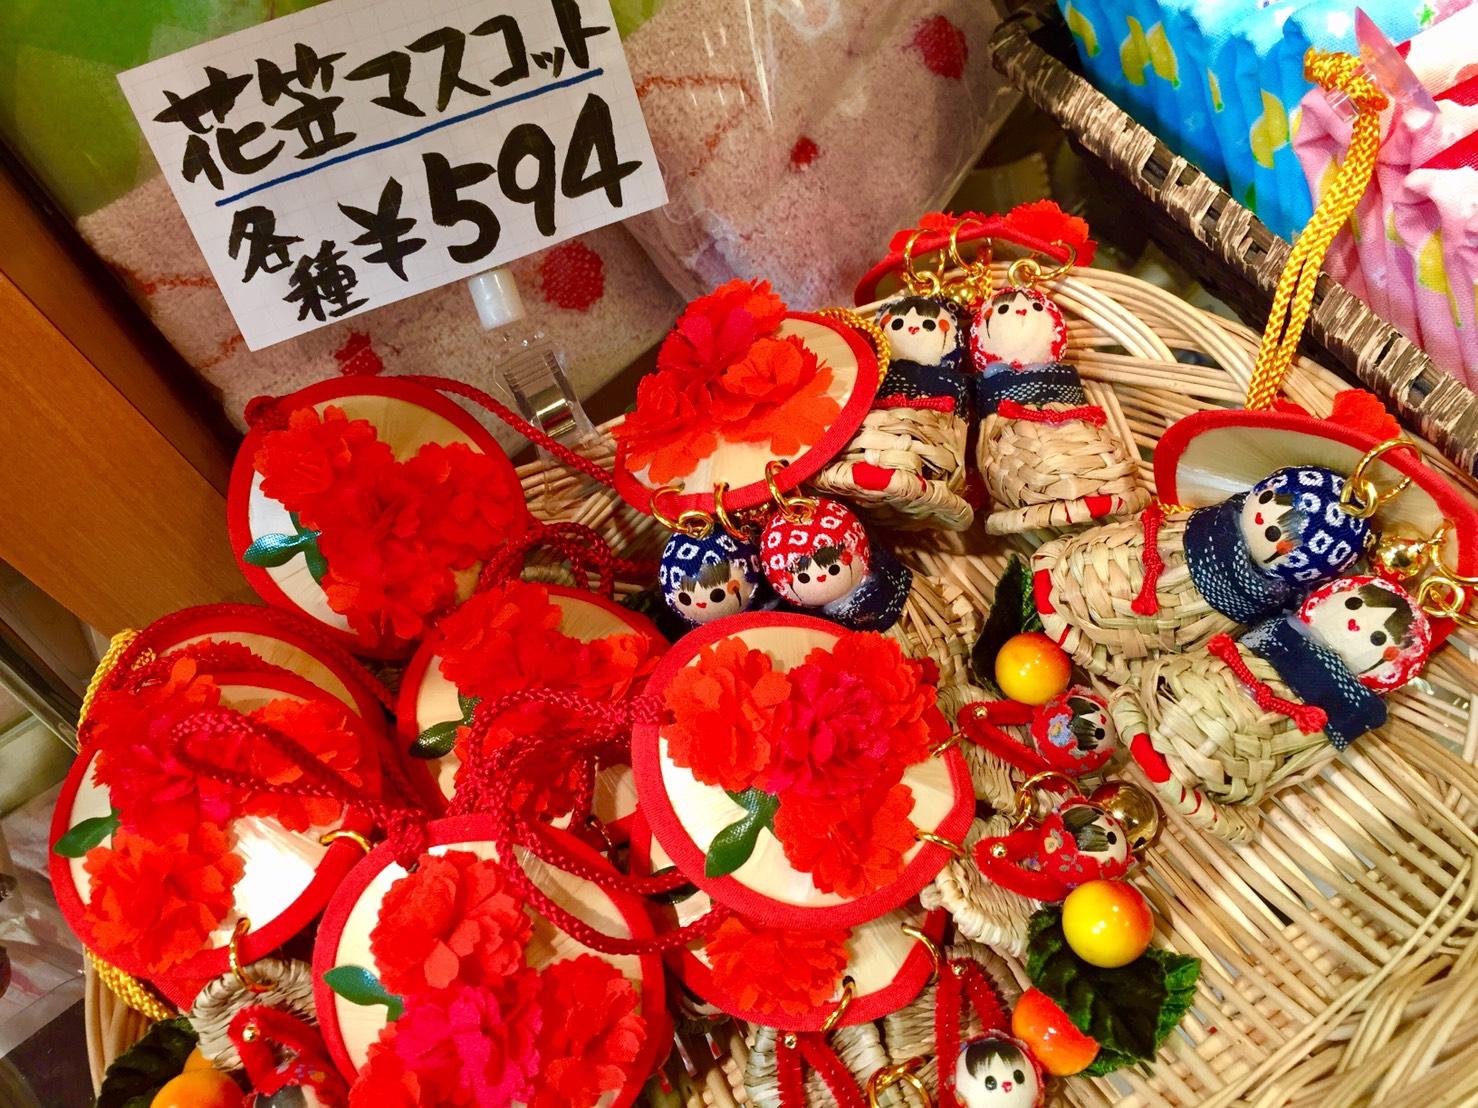 A lot of Yamagata souveniers! Shobido